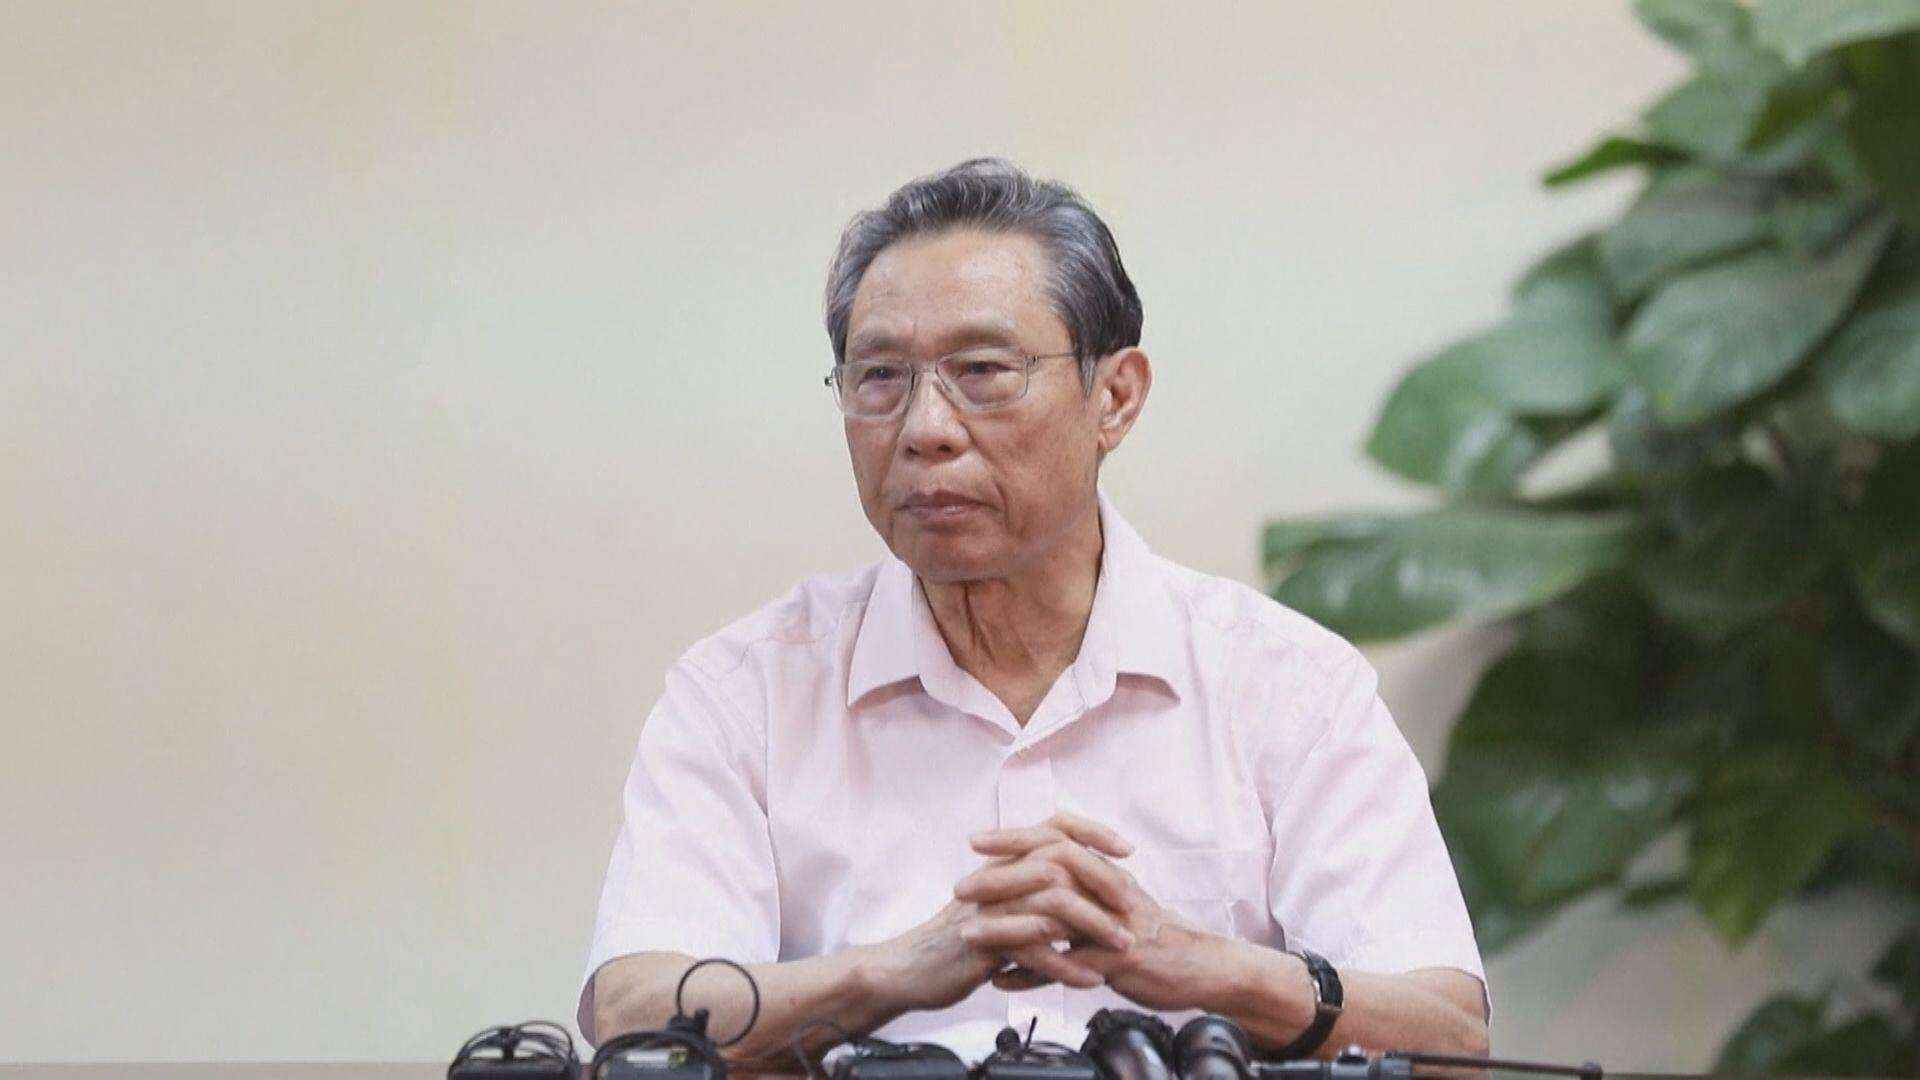 鍾南山獲授予「共和國勳章」 表揚其抗疫傑出貢獻